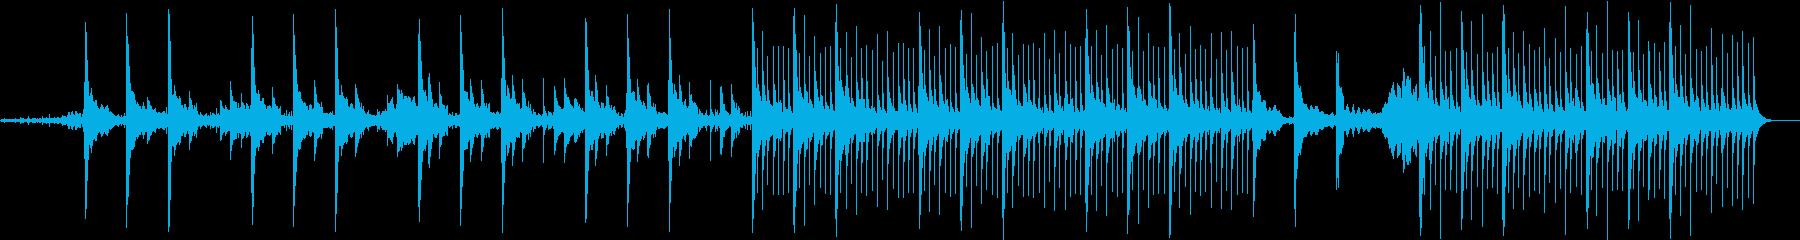 フィルムのノイズにキレイなオルゴールの再生済みの波形